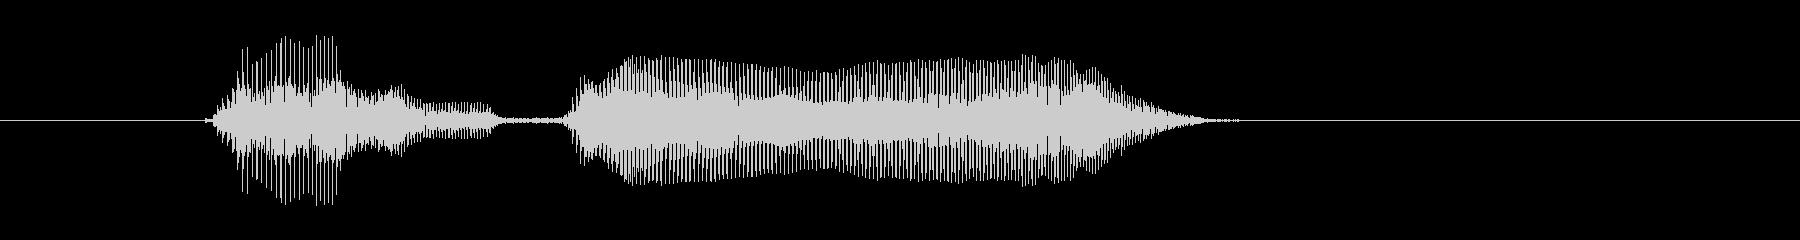 ばいば〜いの未再生の波形